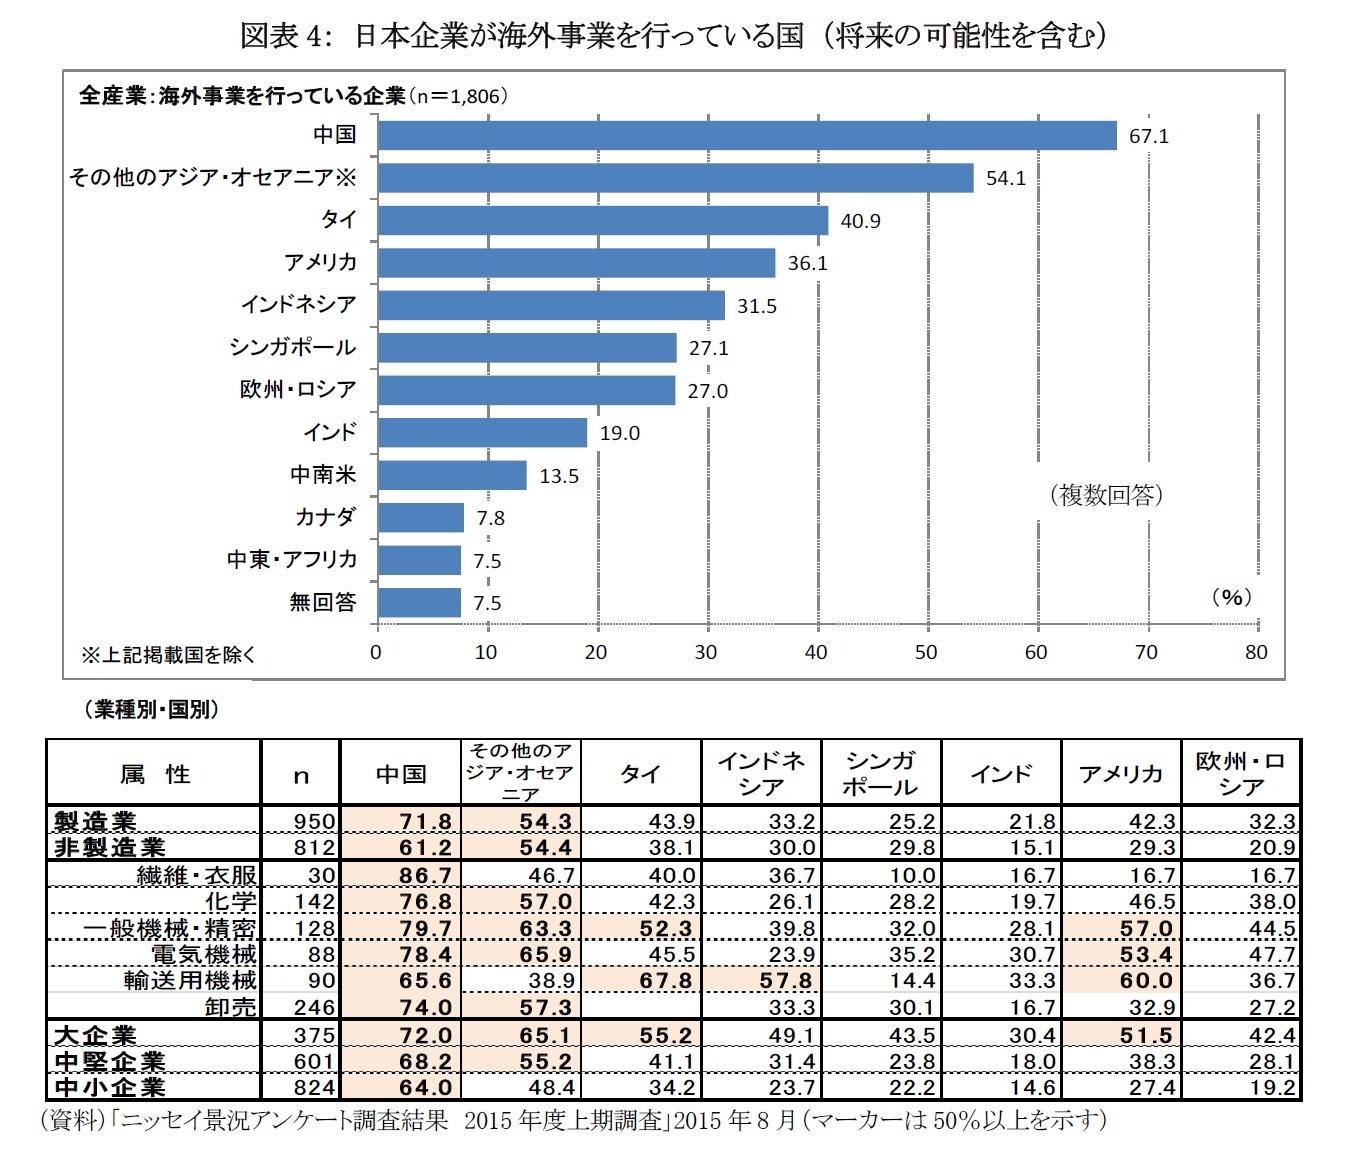 図表4: 日本企業が海外事業を行っている国 (将来の可能性を含む)